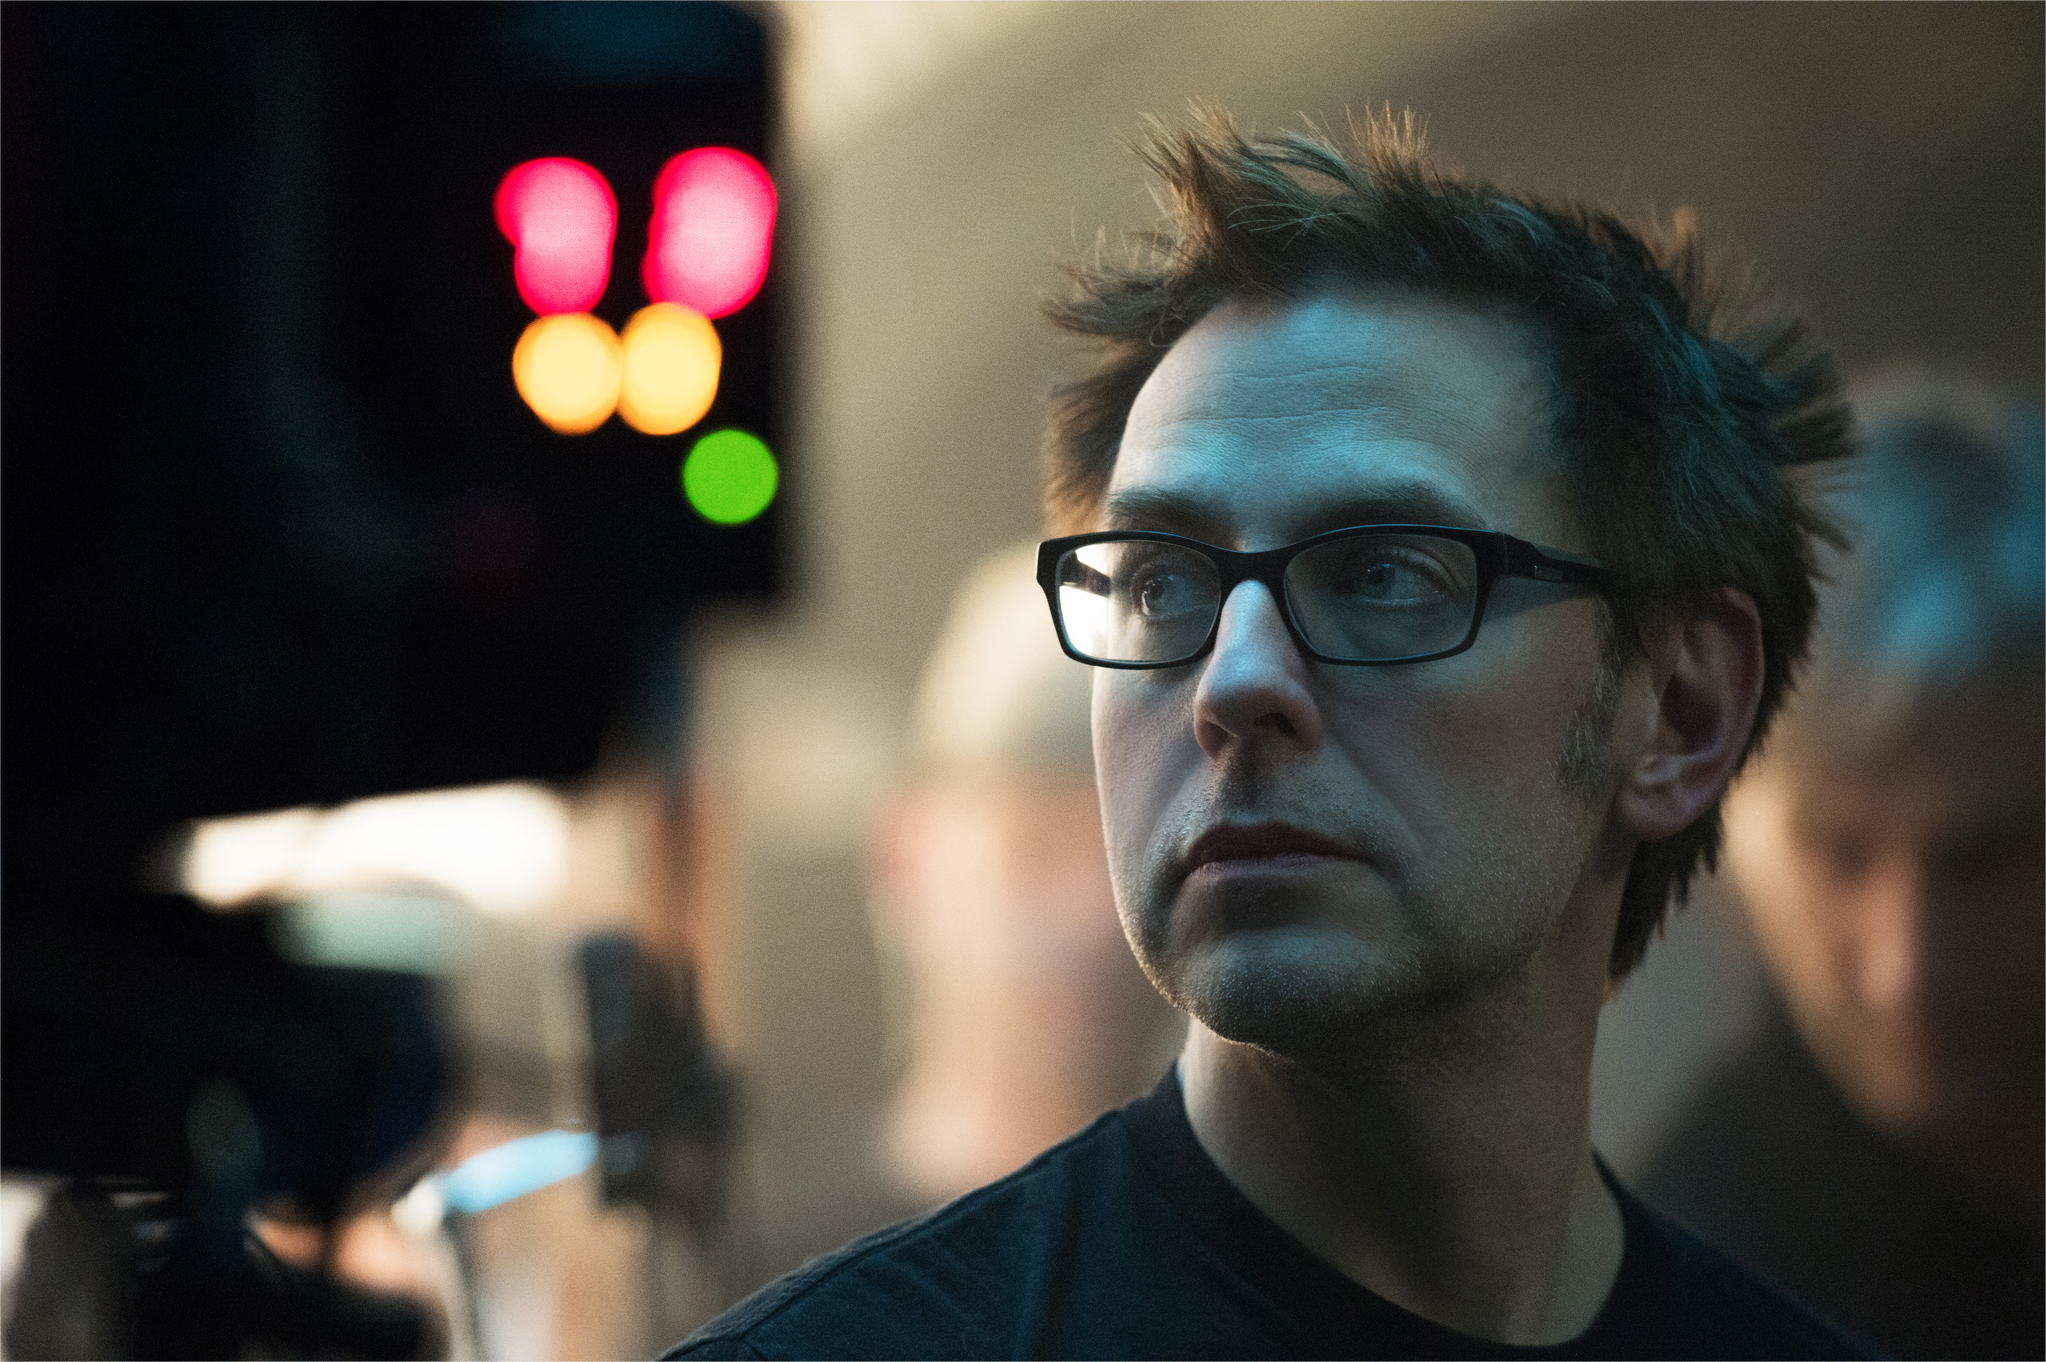 James Gunn talks about his firing and The Suicide Squad :「ガーディアンズ・オブ・ザ・ギャラクシー」に復帰したジェームズ・ガン監督が、ディズニーから解雇された衝撃の事件について、ついに初めて、自分の胸のうちを語ってくれた ! !